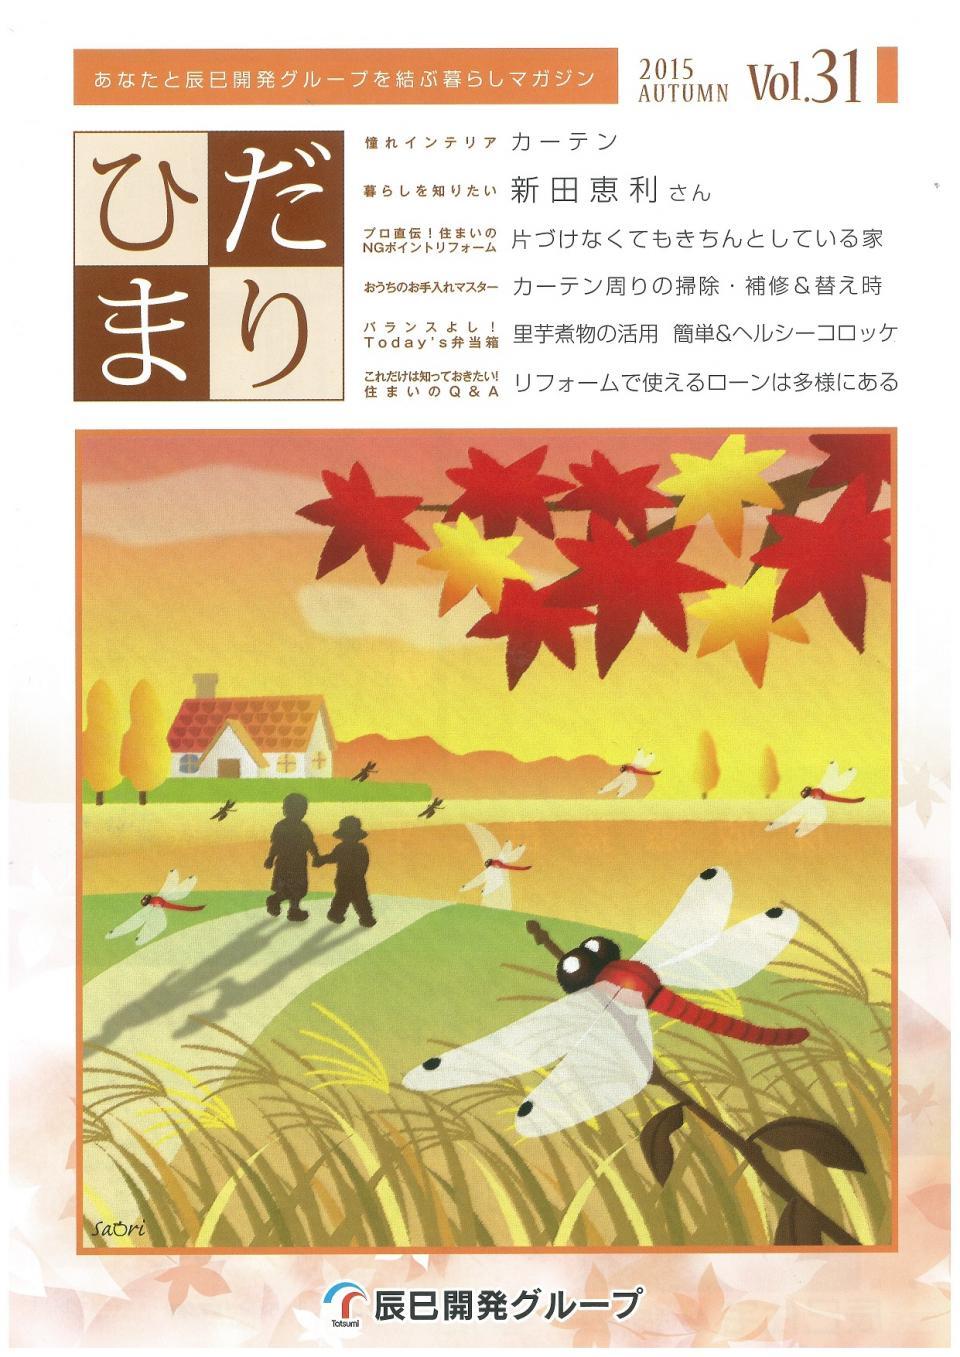 ひだまり 2015 Autumn vol.31